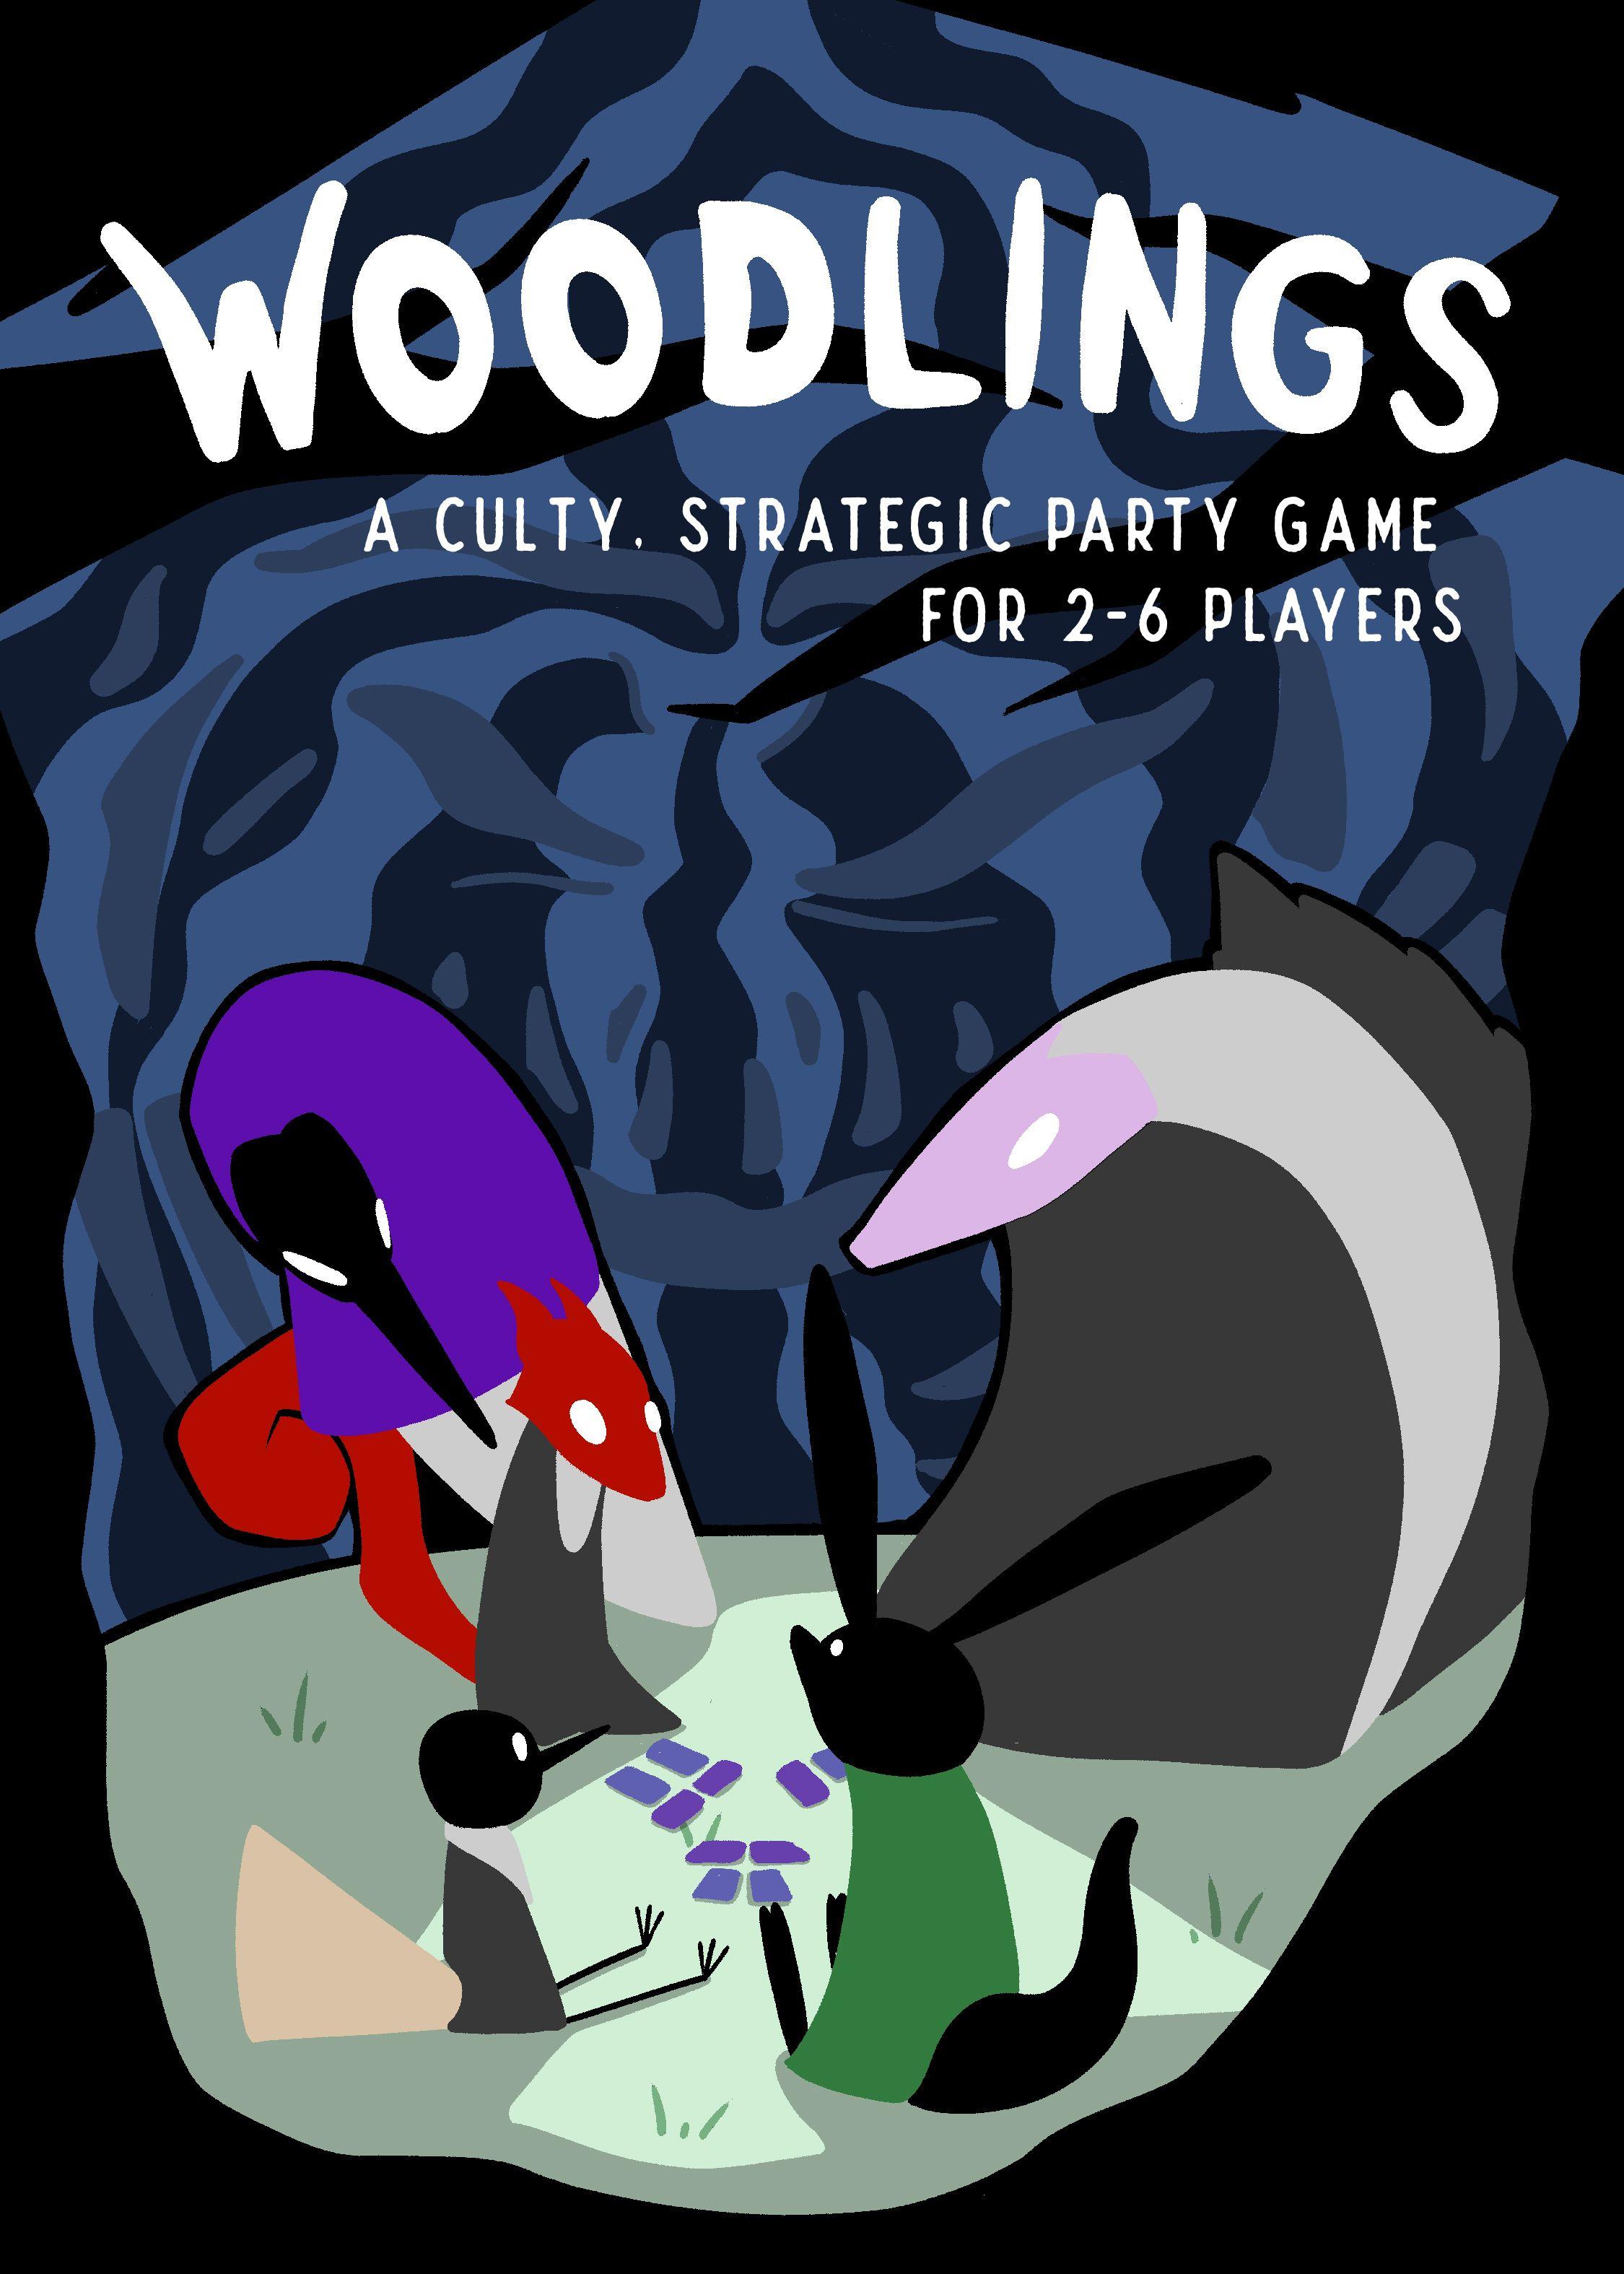 Woodlings